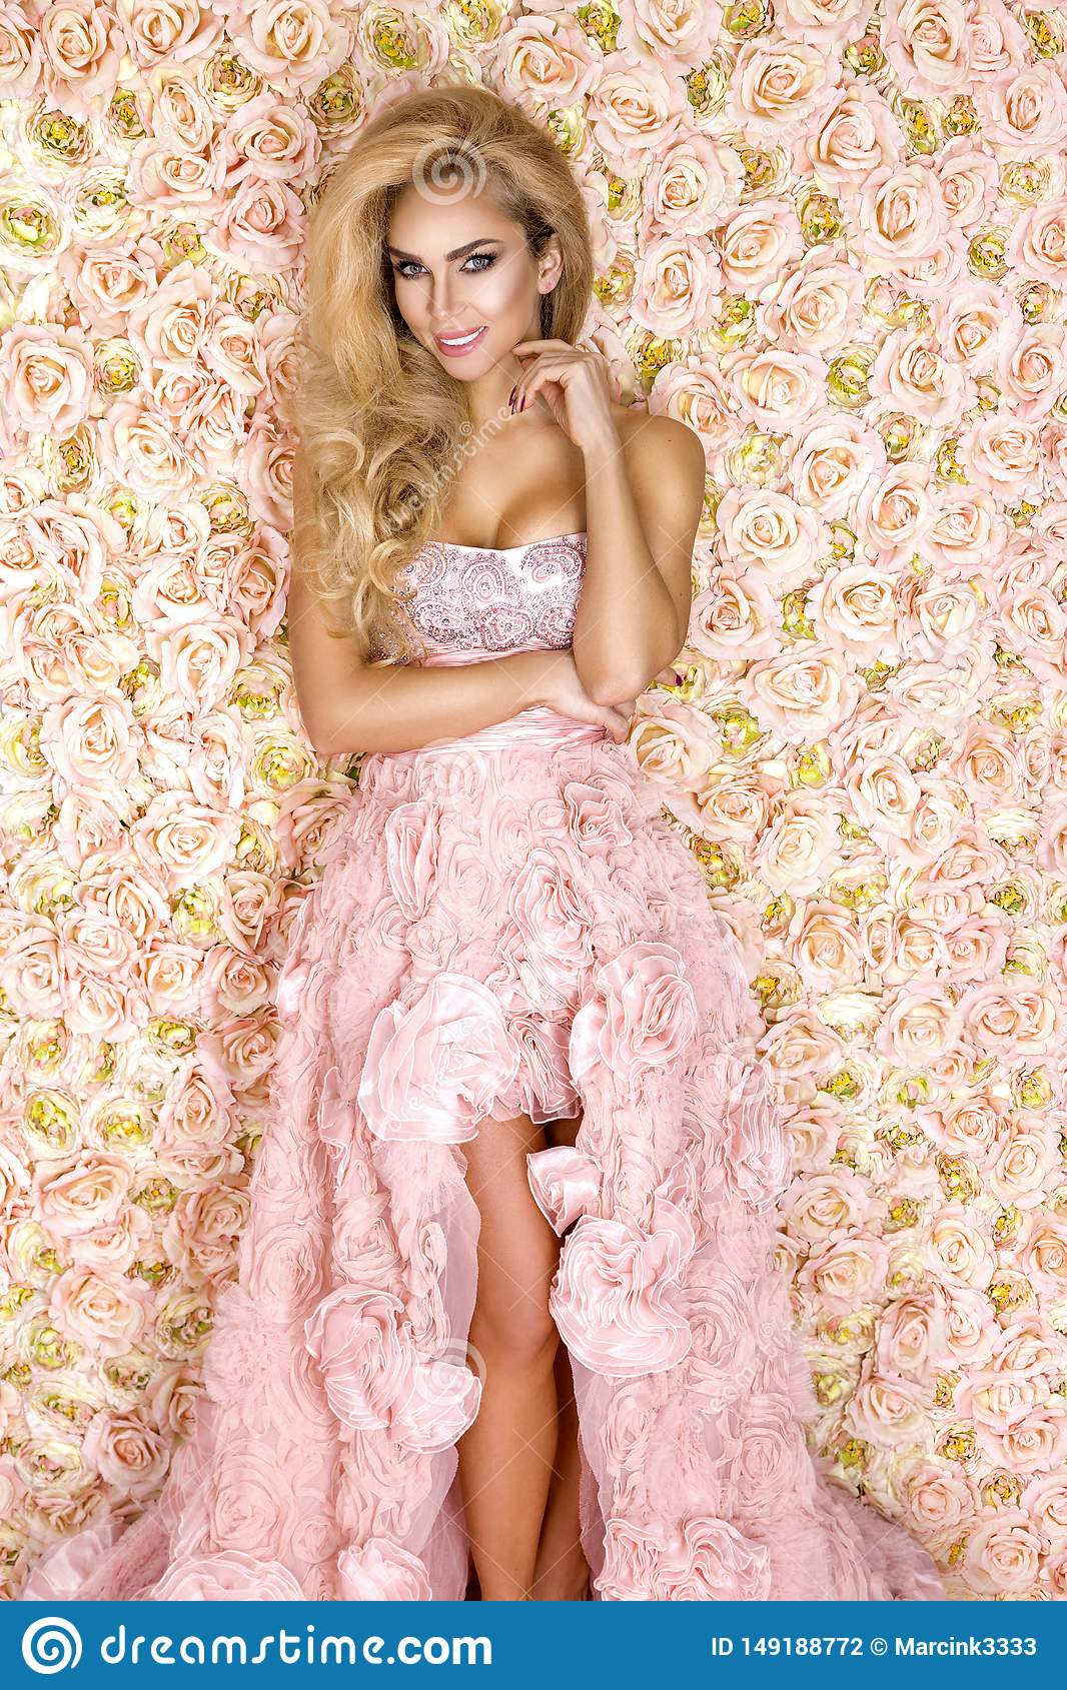 Princess, panna m?oda w r??owej ?lubnej sukni Pi?kna m?oda kobieta - wizerunek